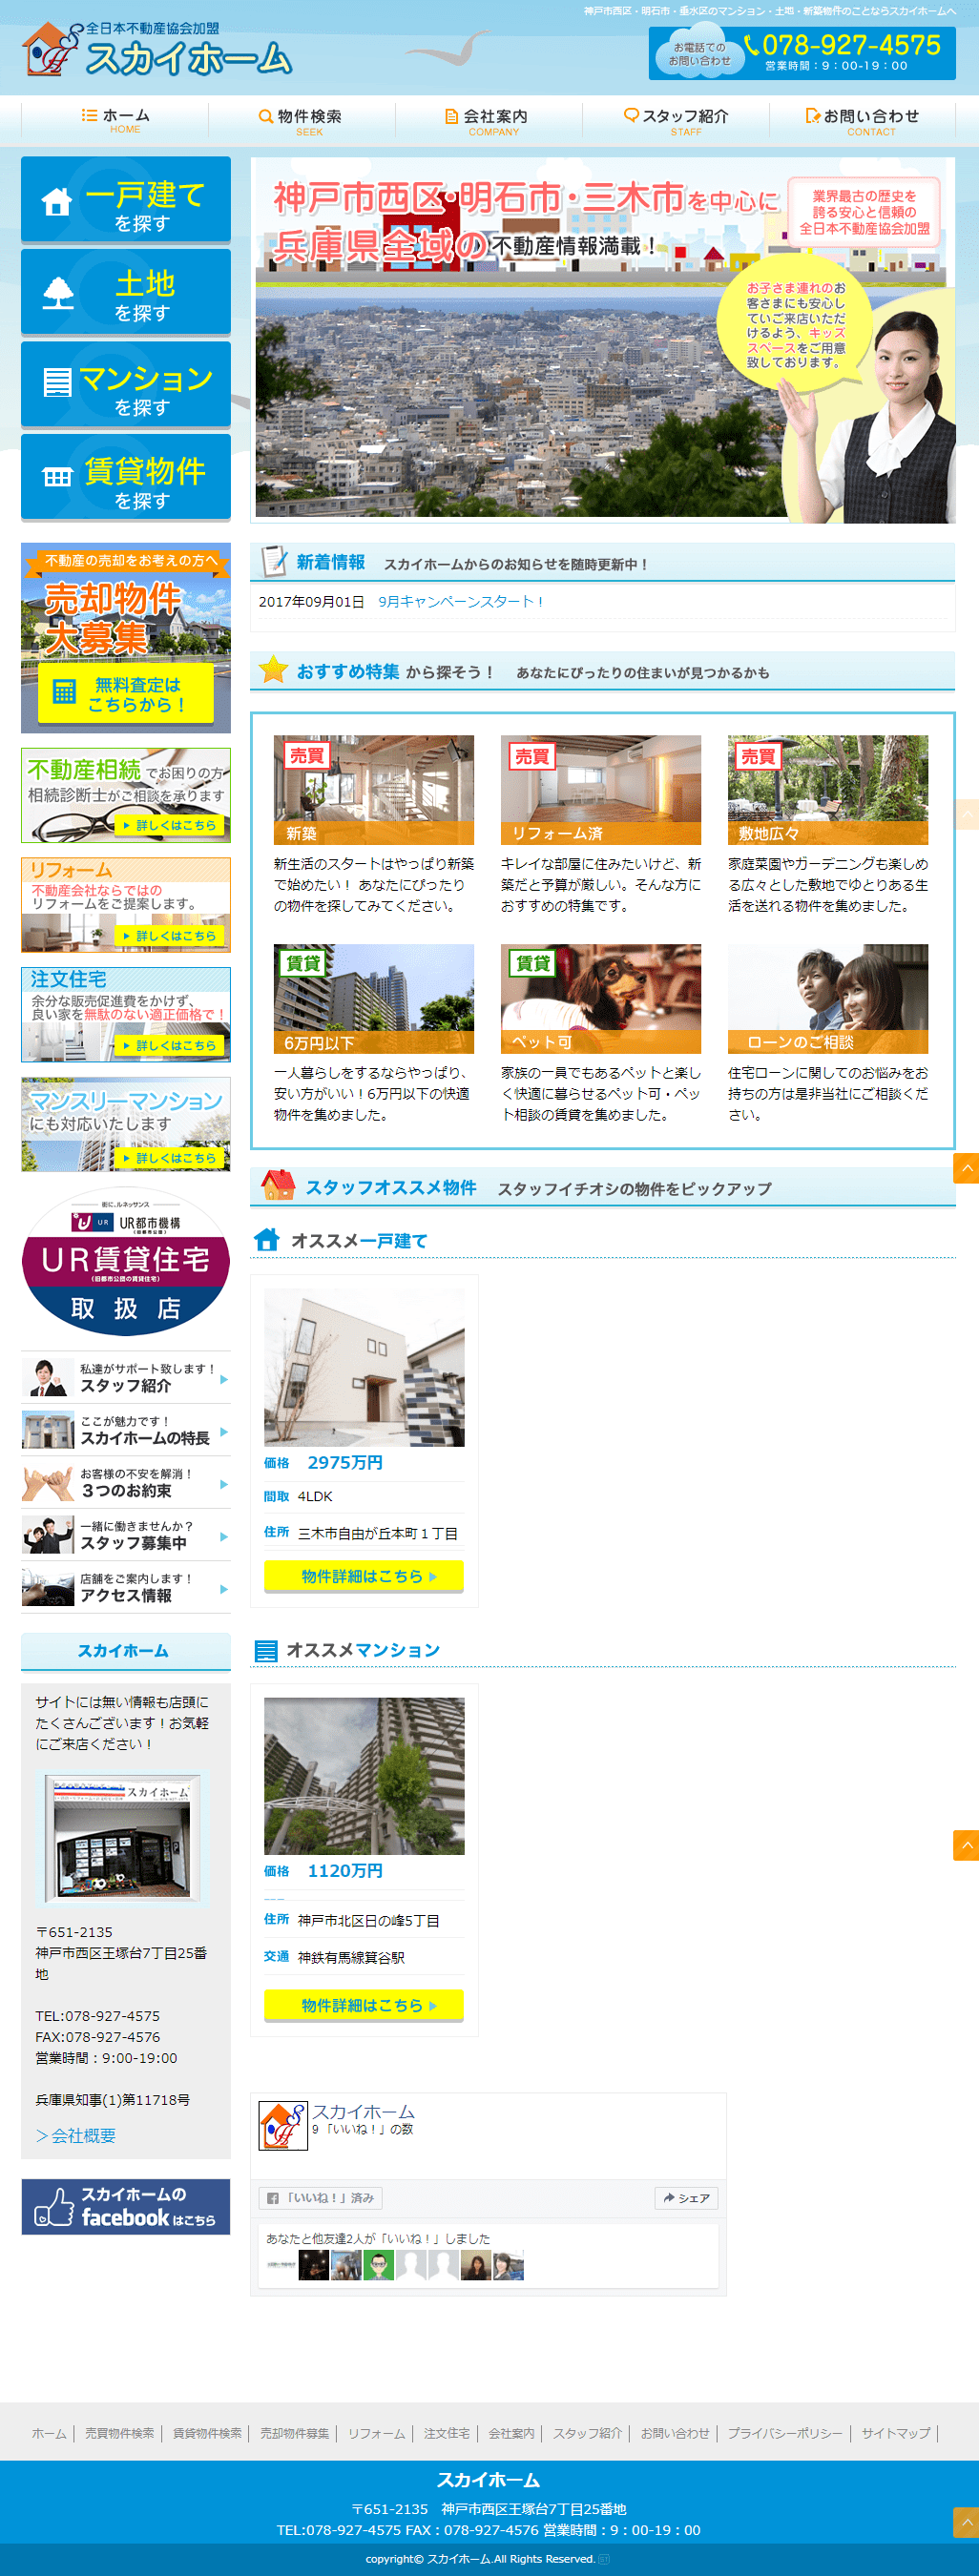 神戸市 株式会社スカイホーム ホームページ制作1